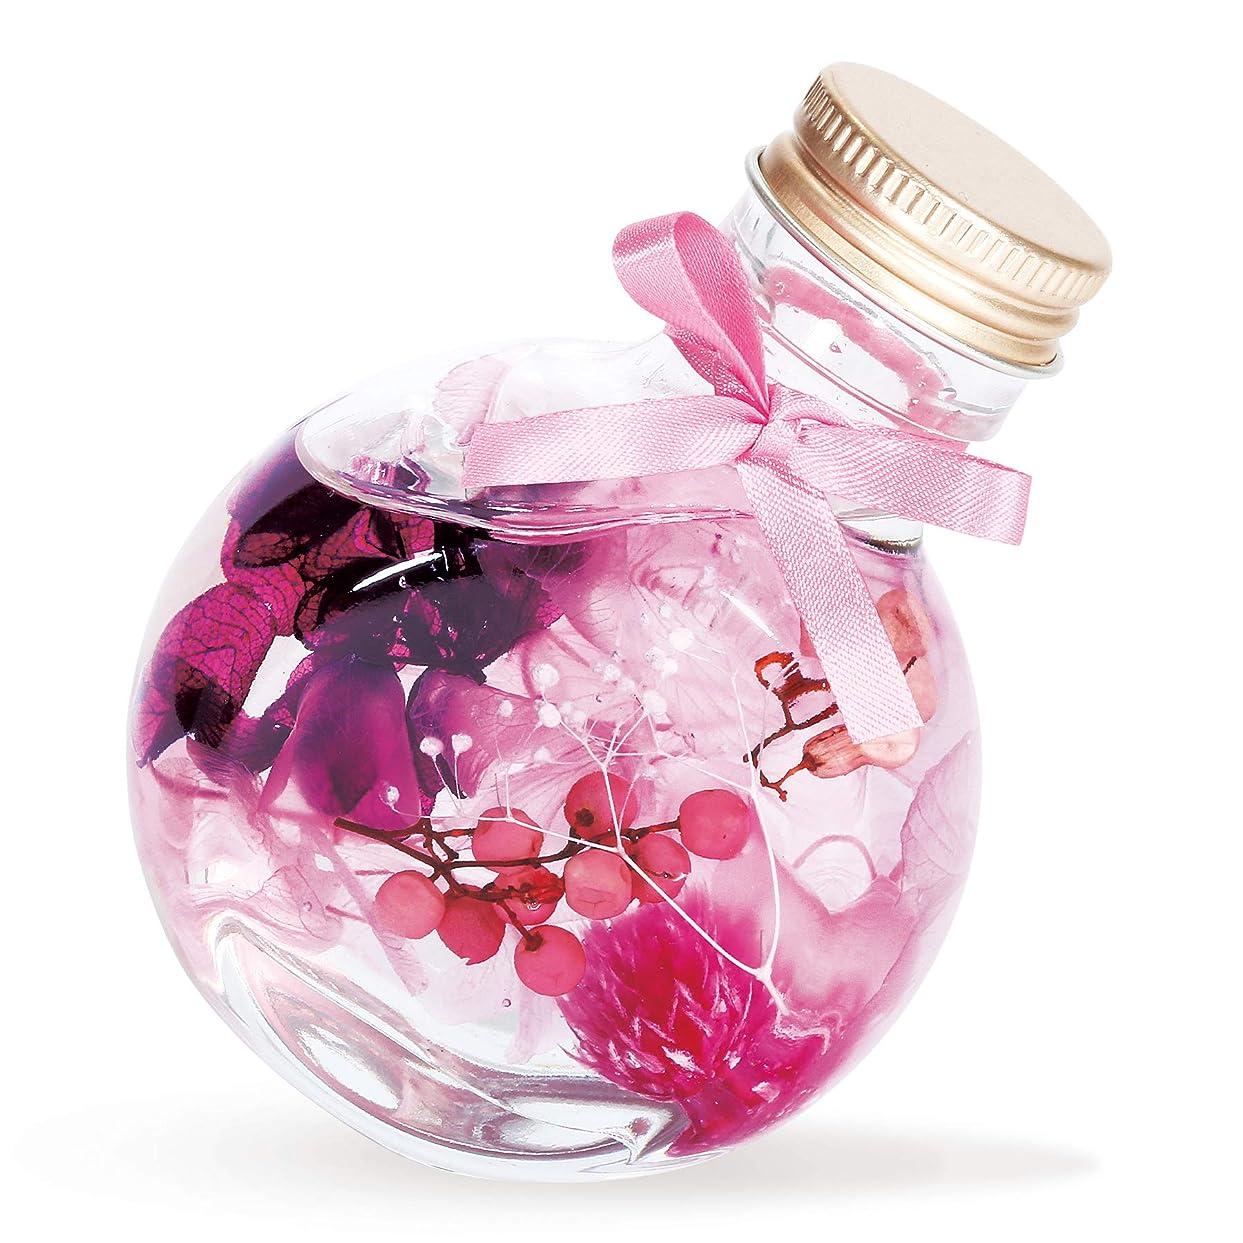 子学習新着liLYS épice リリスエピス ハーバリウム プリザーブドフラワー 花 プレゼント 母の日 日本製 ギフト フラスコタイプ (ピュアピンク)